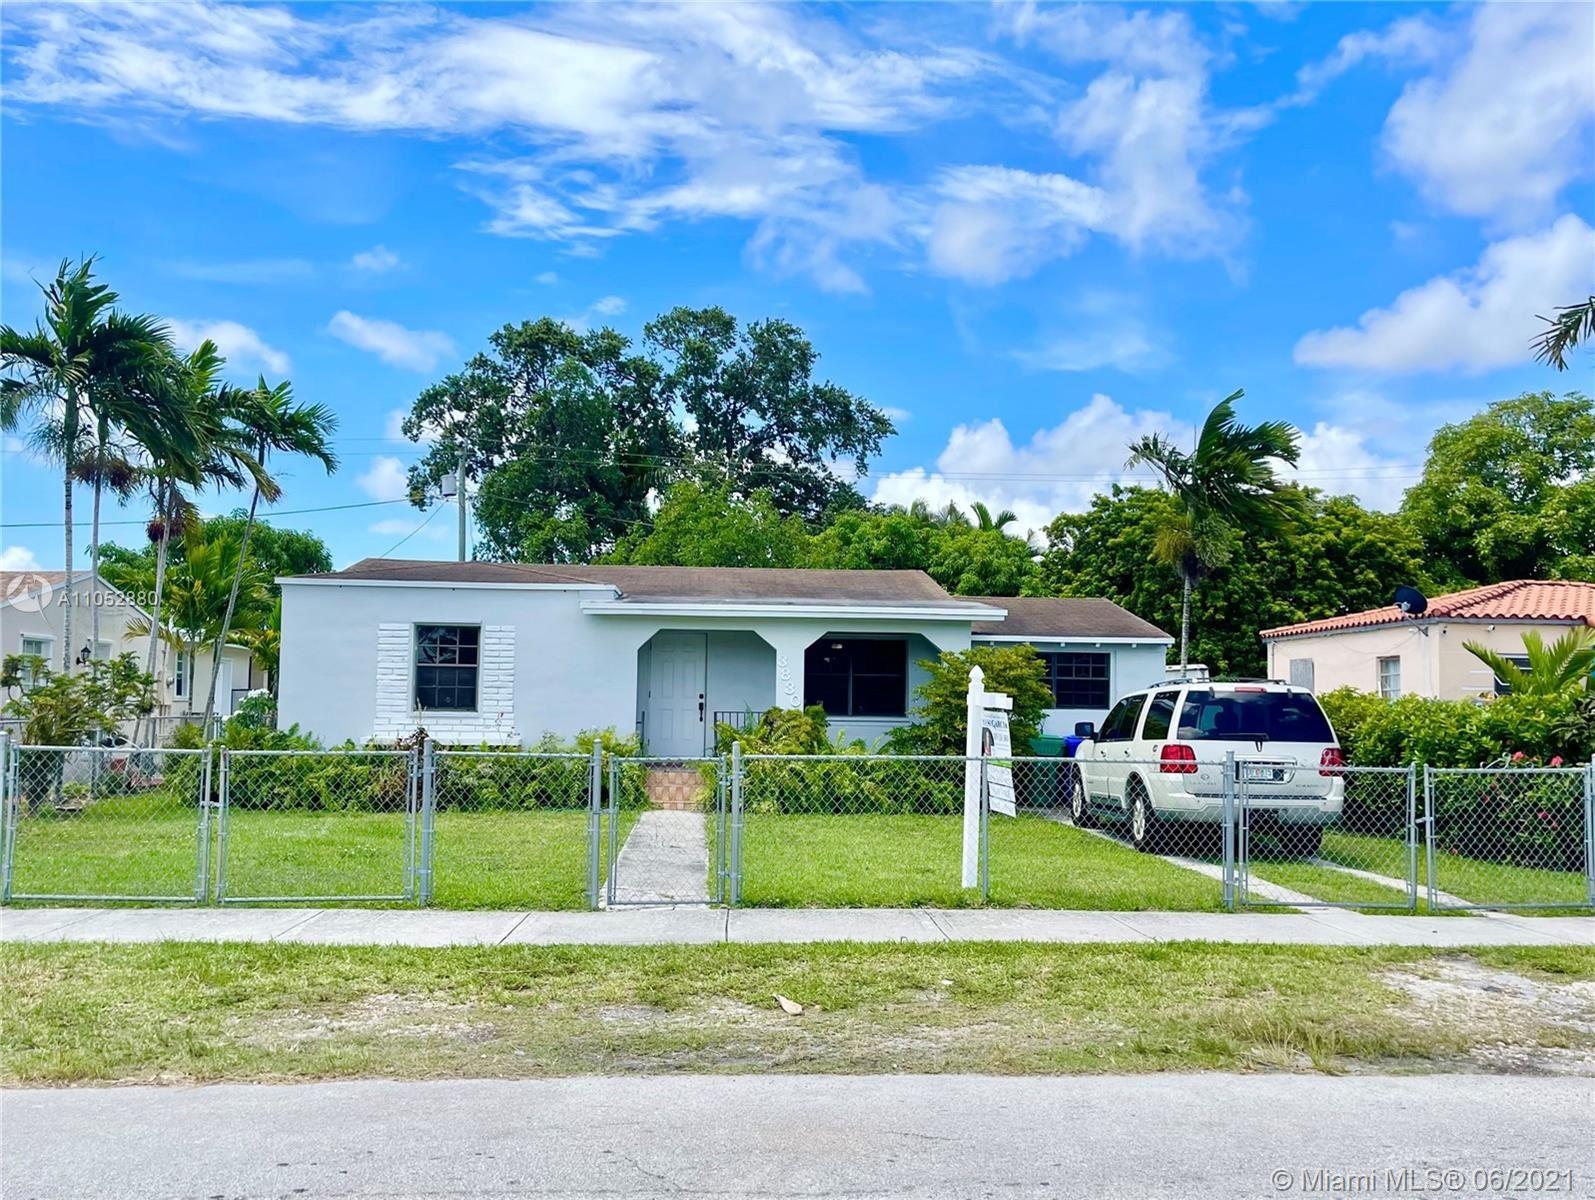 3830 NW 12th Ter, Miami, FL 33126 - #: A11052880